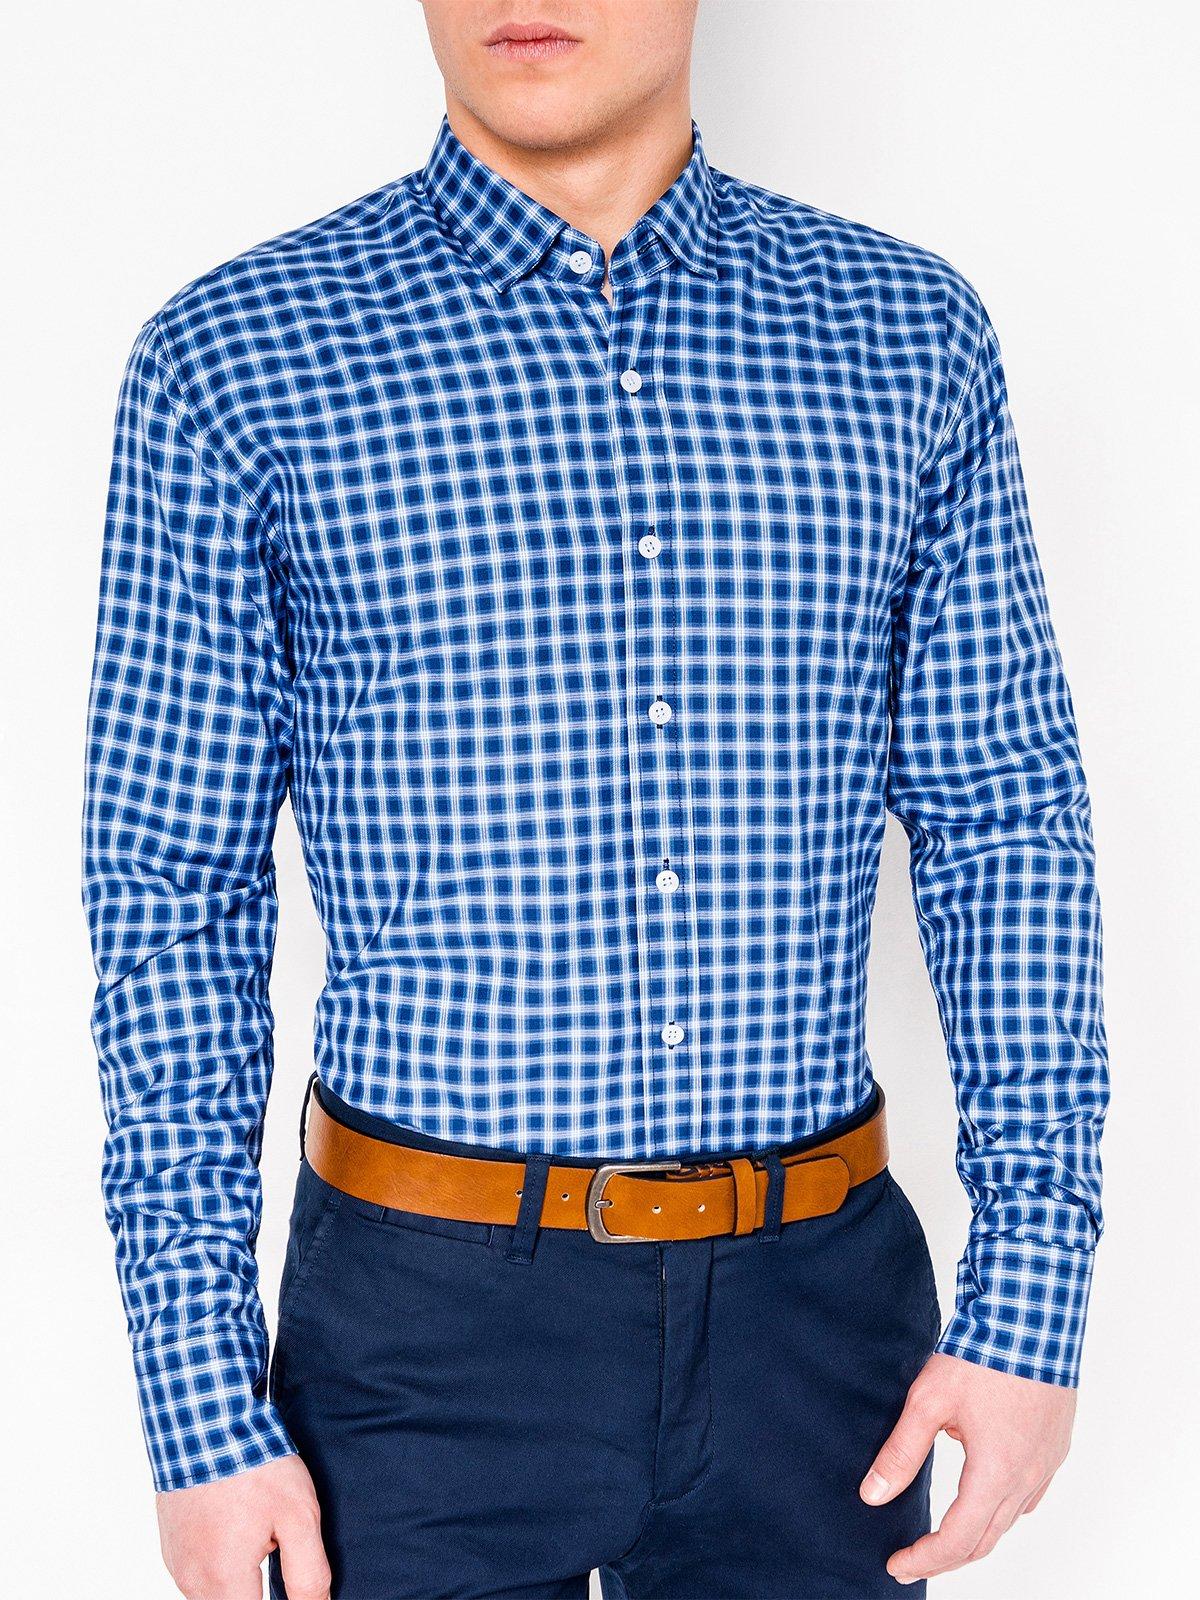 9ce2b474e46 ... Мужская рубашка в клеточку с длинным рукавом K438 - тёмно-синяя голубая  ...